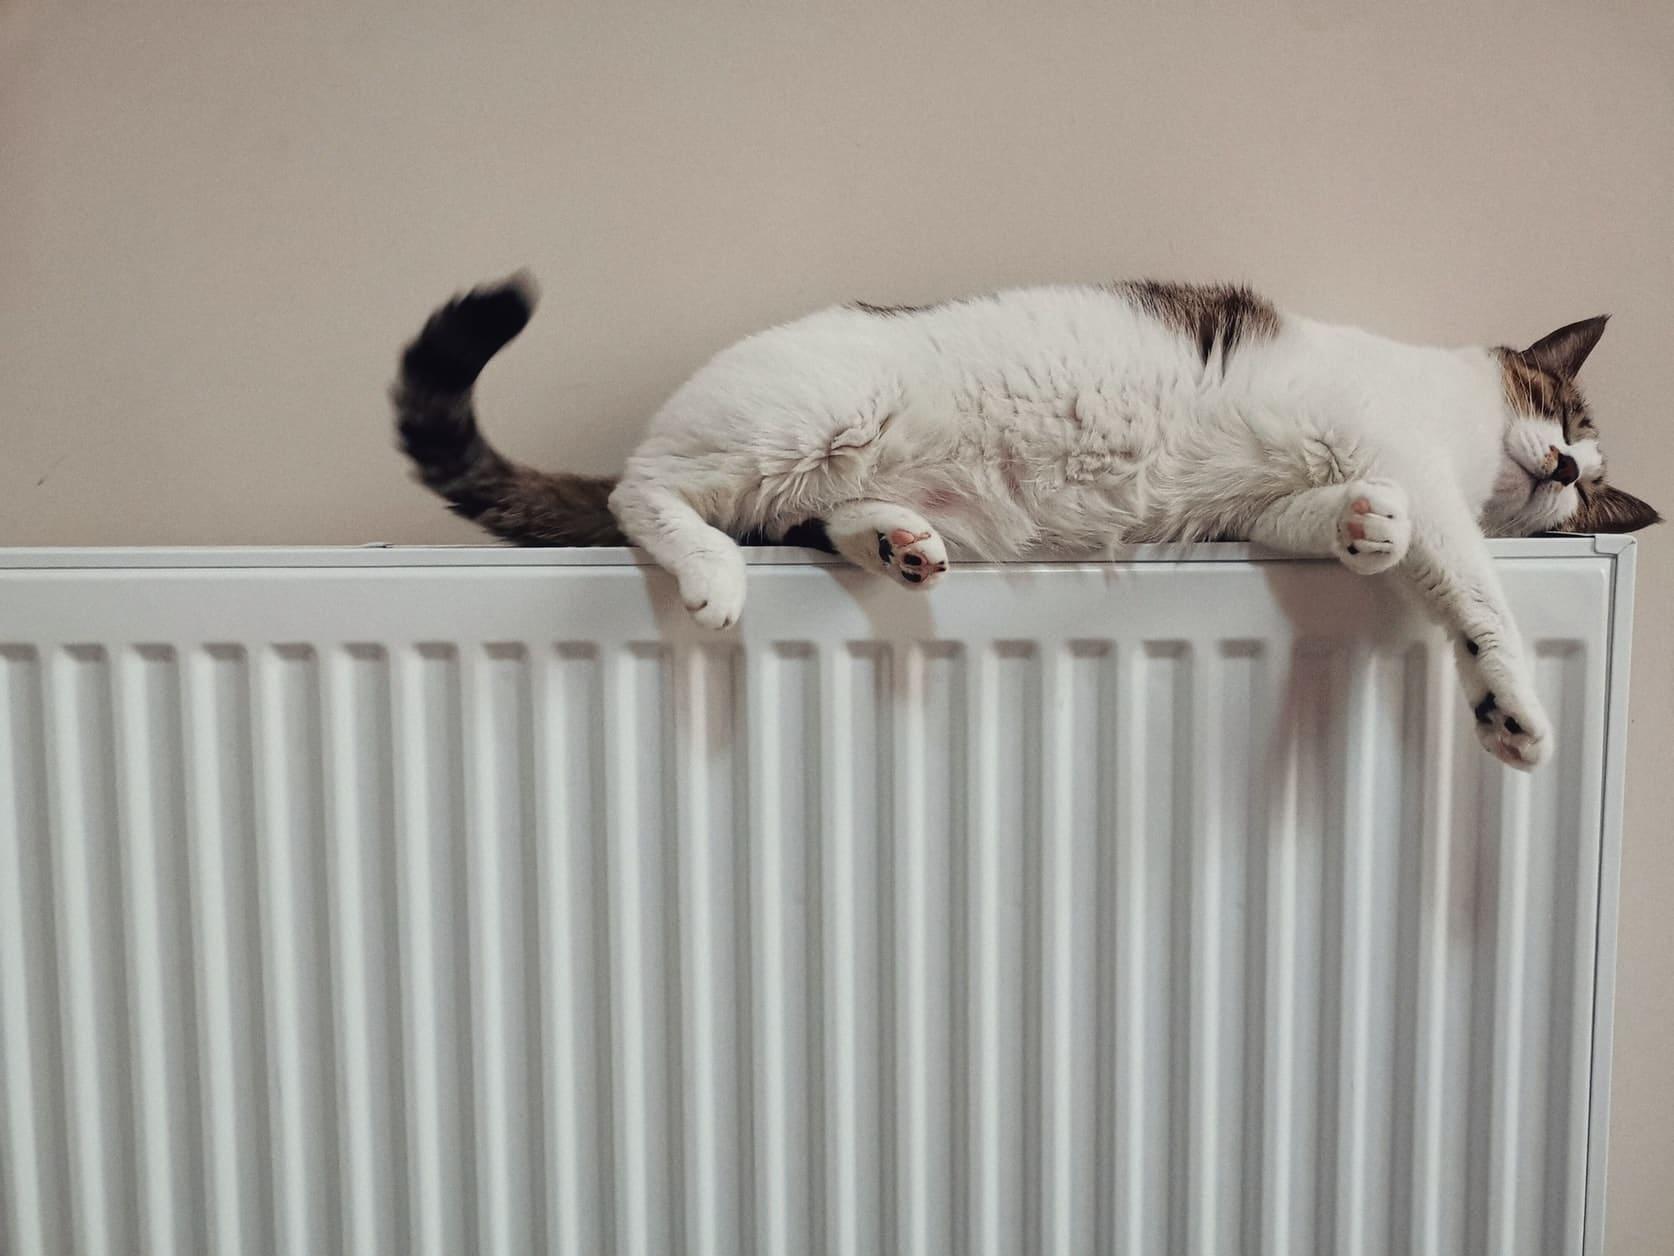 I consigli per risparmiare su gas e riscaldamento in vista del caro bollette thumbnail